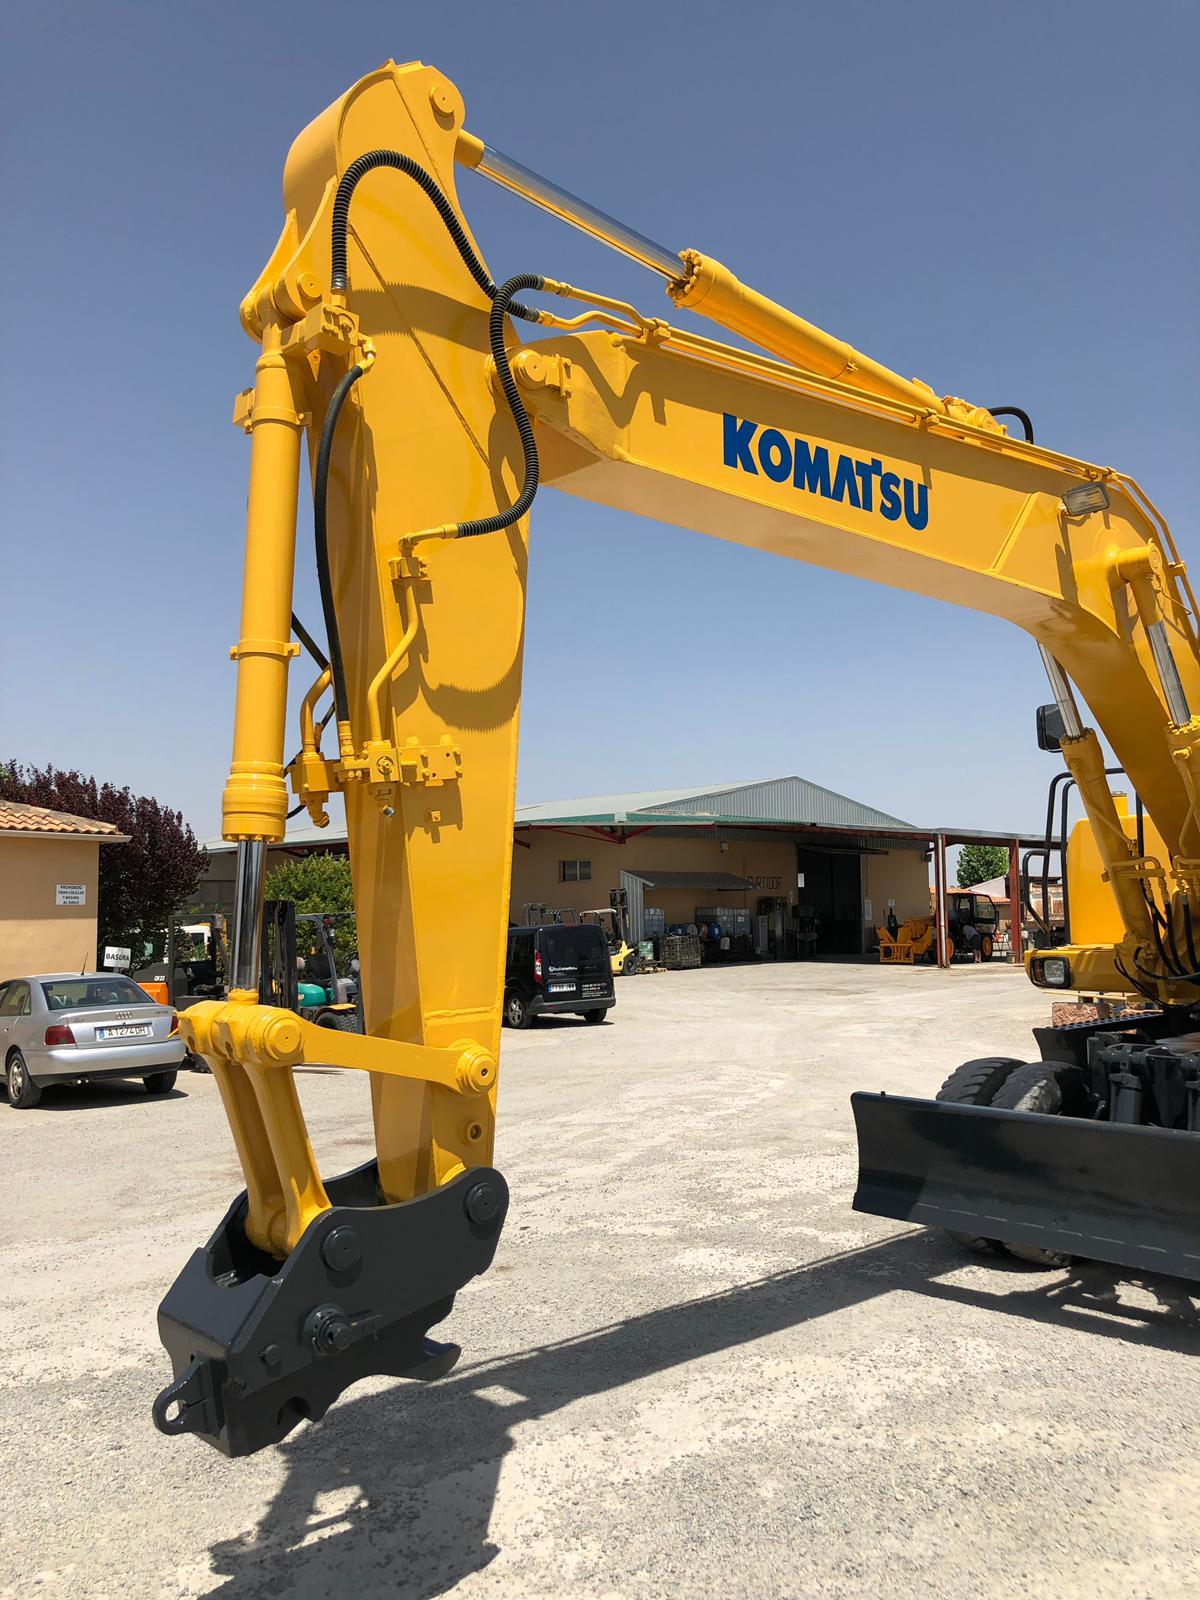 2006-komatsu-pw180-7k-15841832